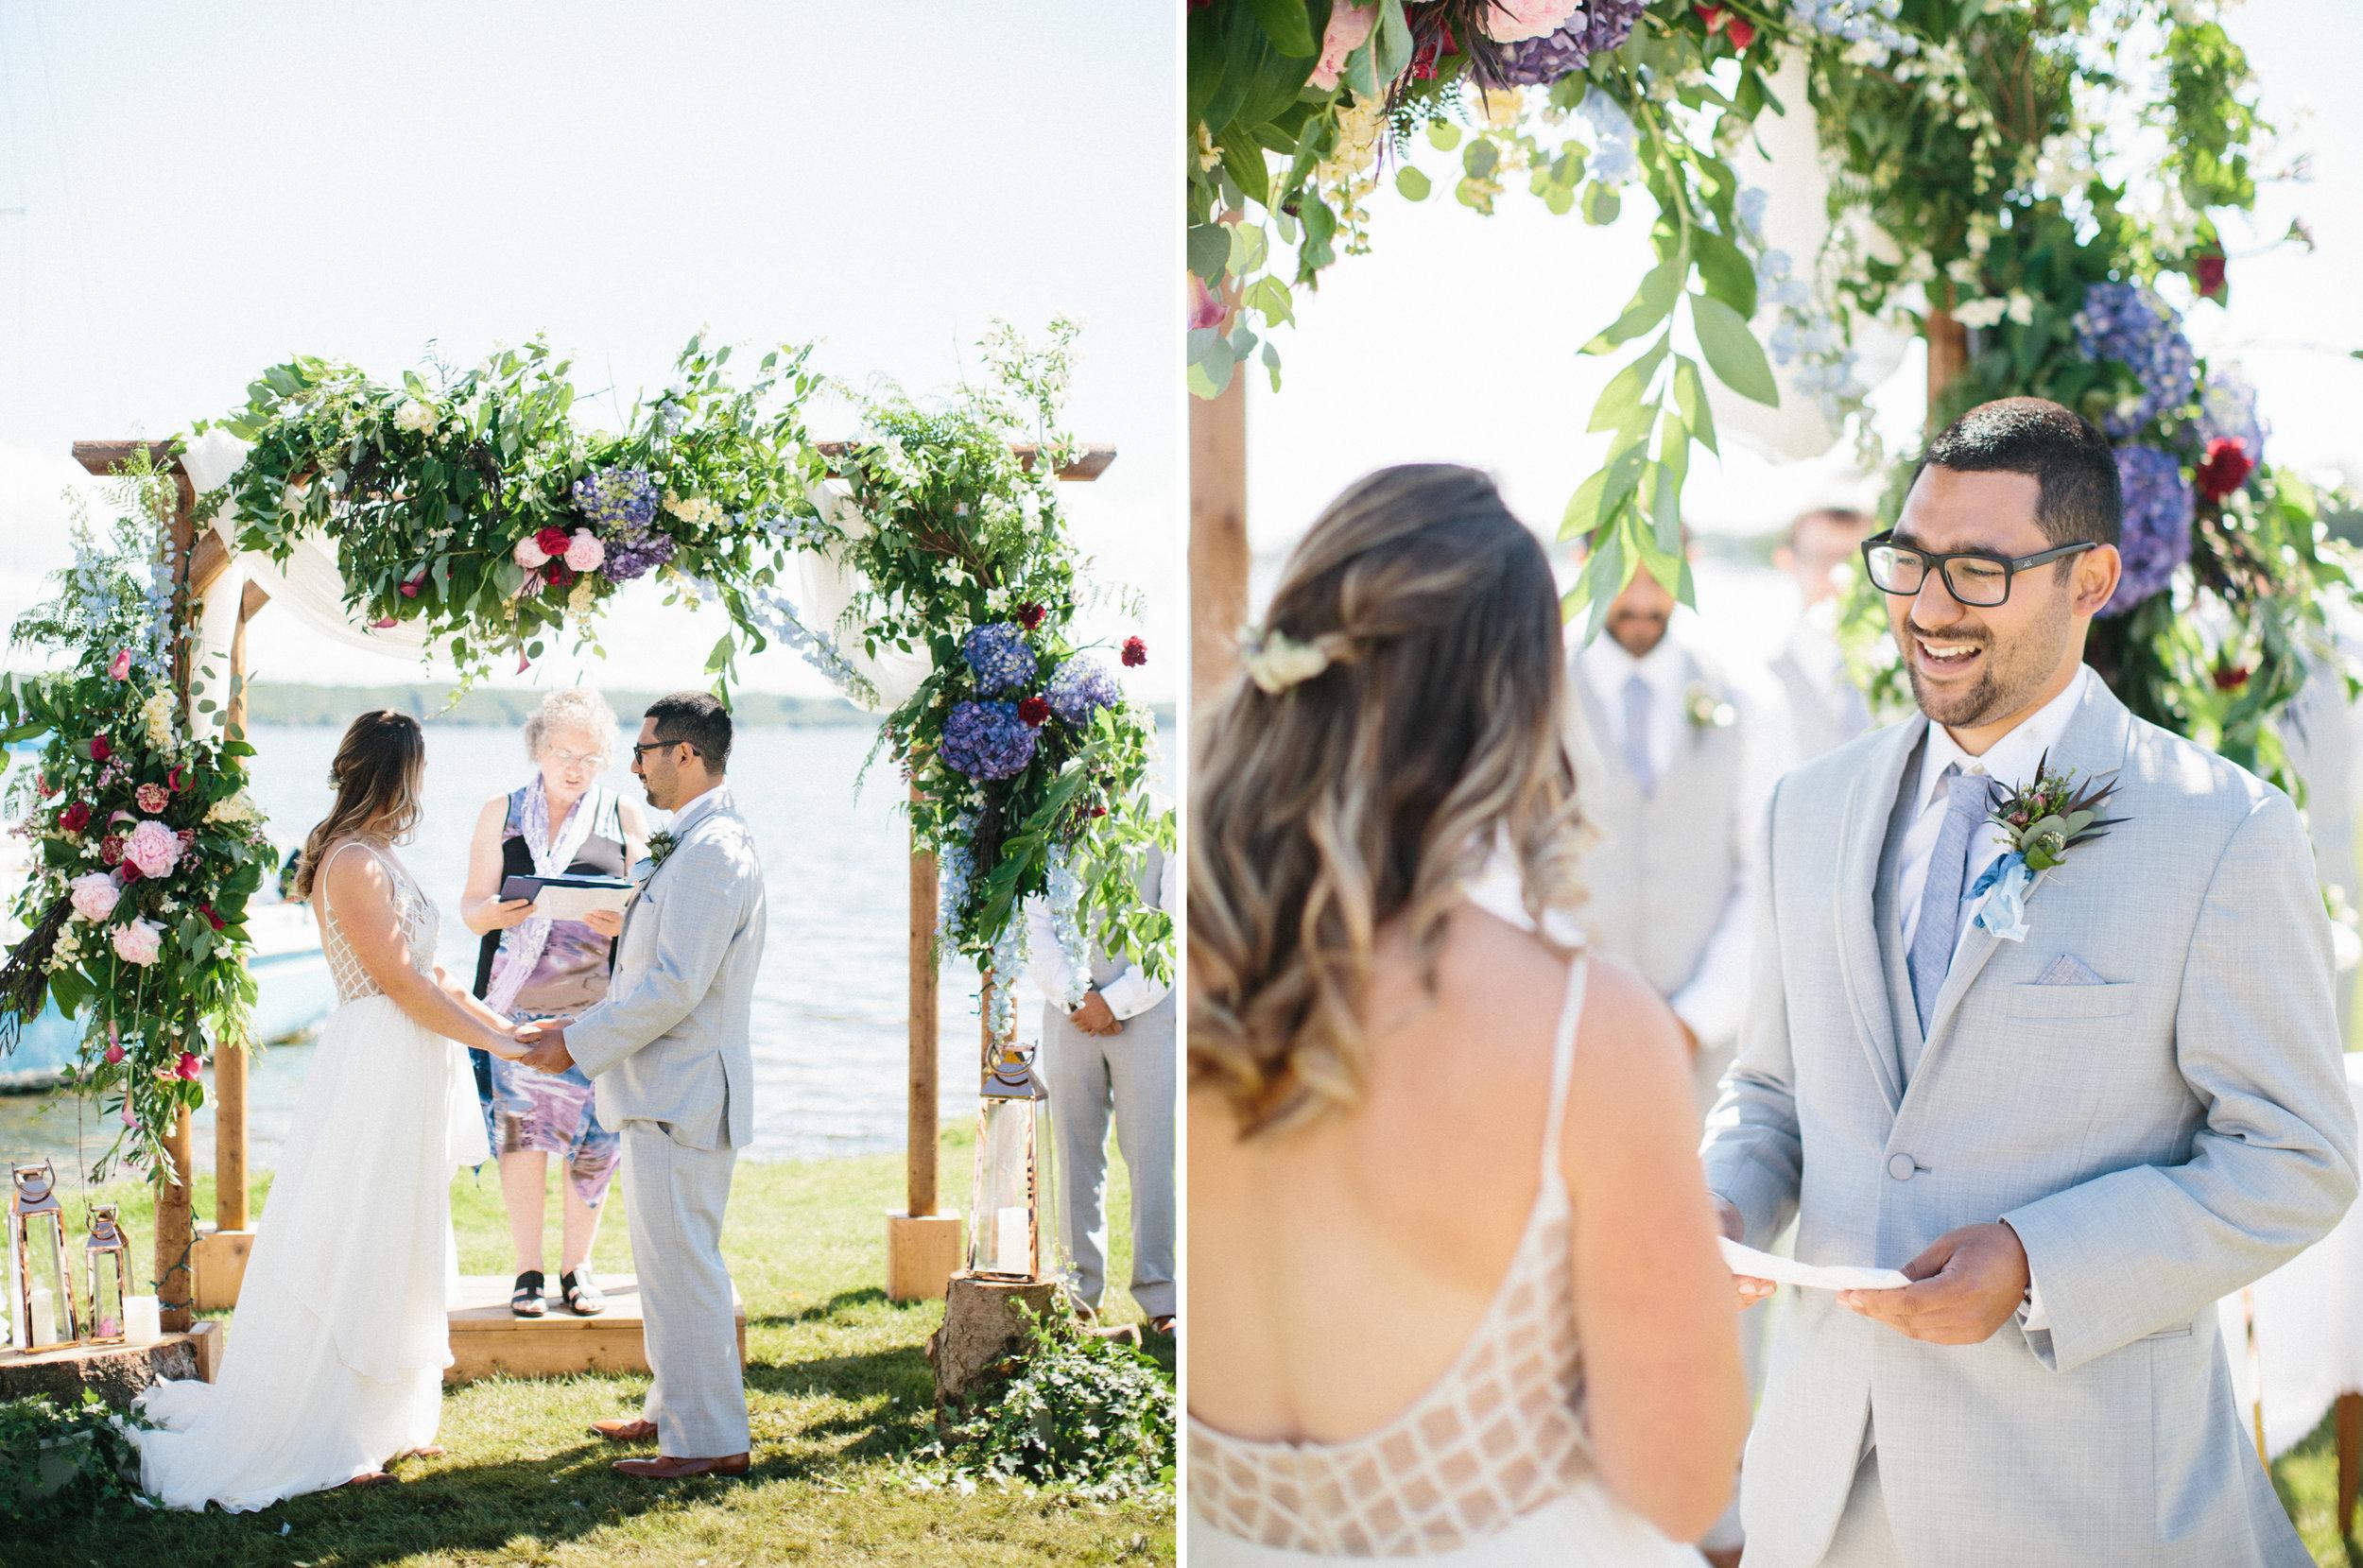 toronto_wedding_photographer_backyard_wedding3.jpg